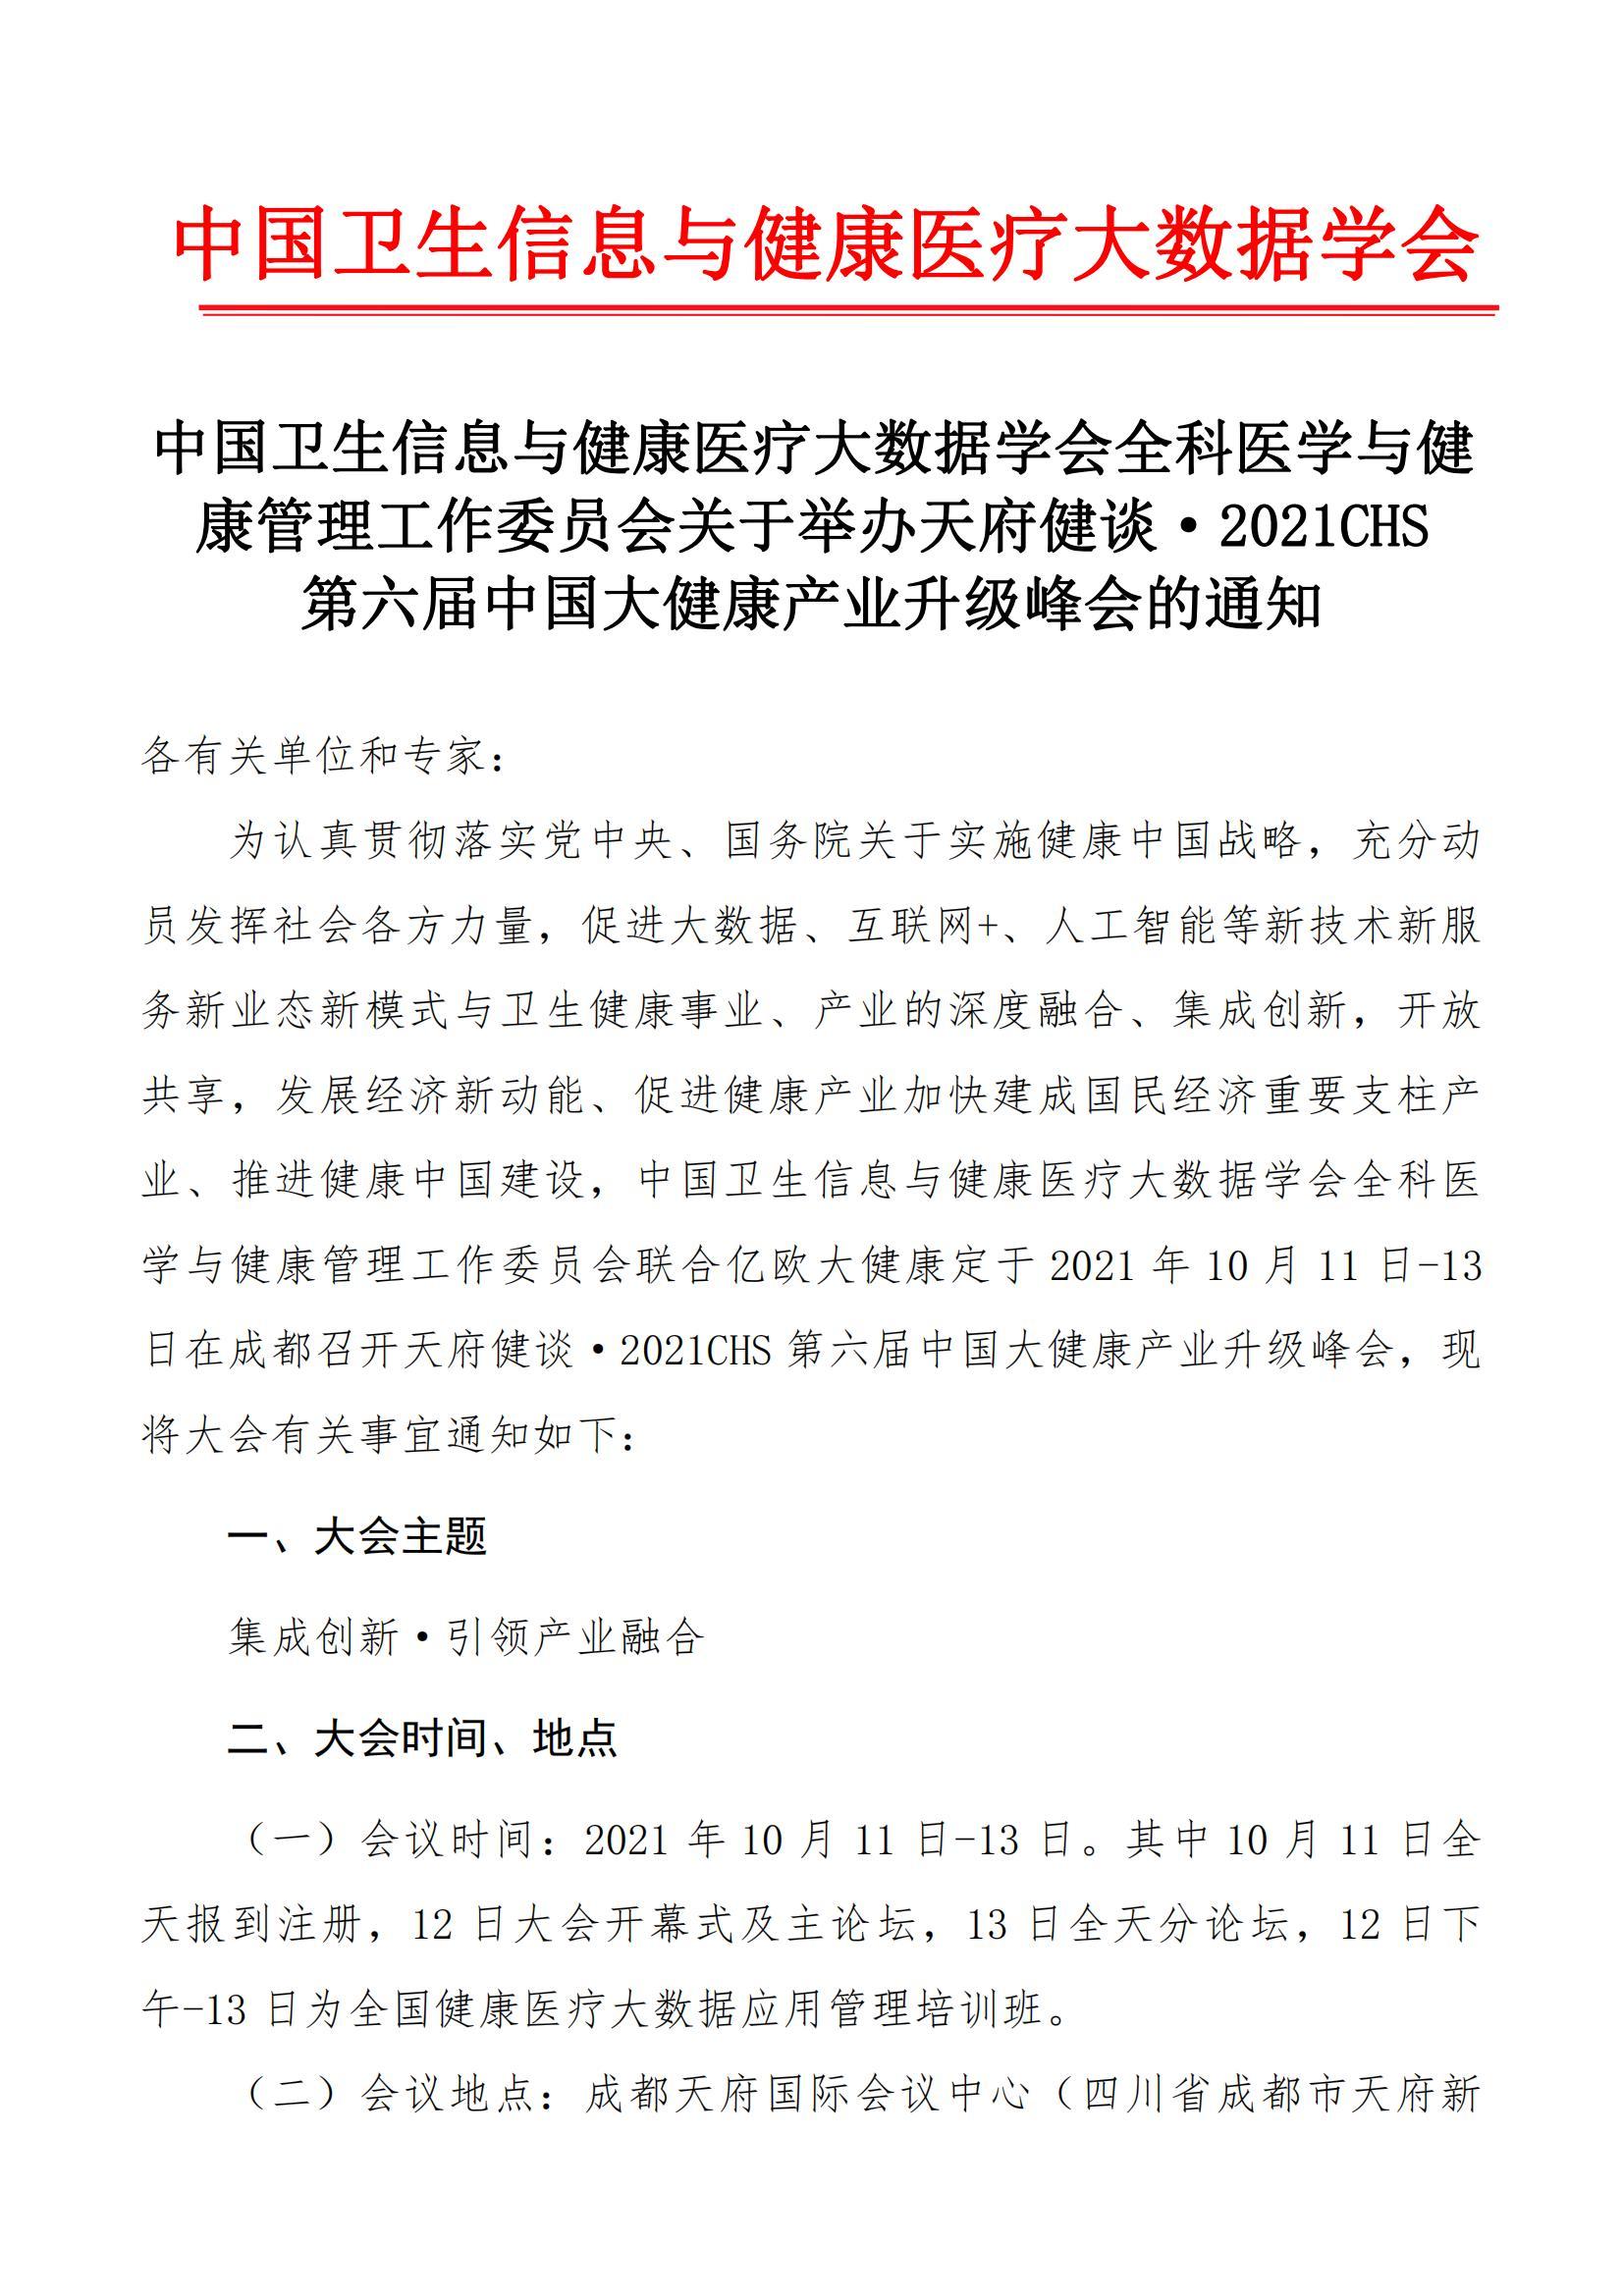 第六届中国大健康产业升级峰会的通知(1)(1)_00.jpg